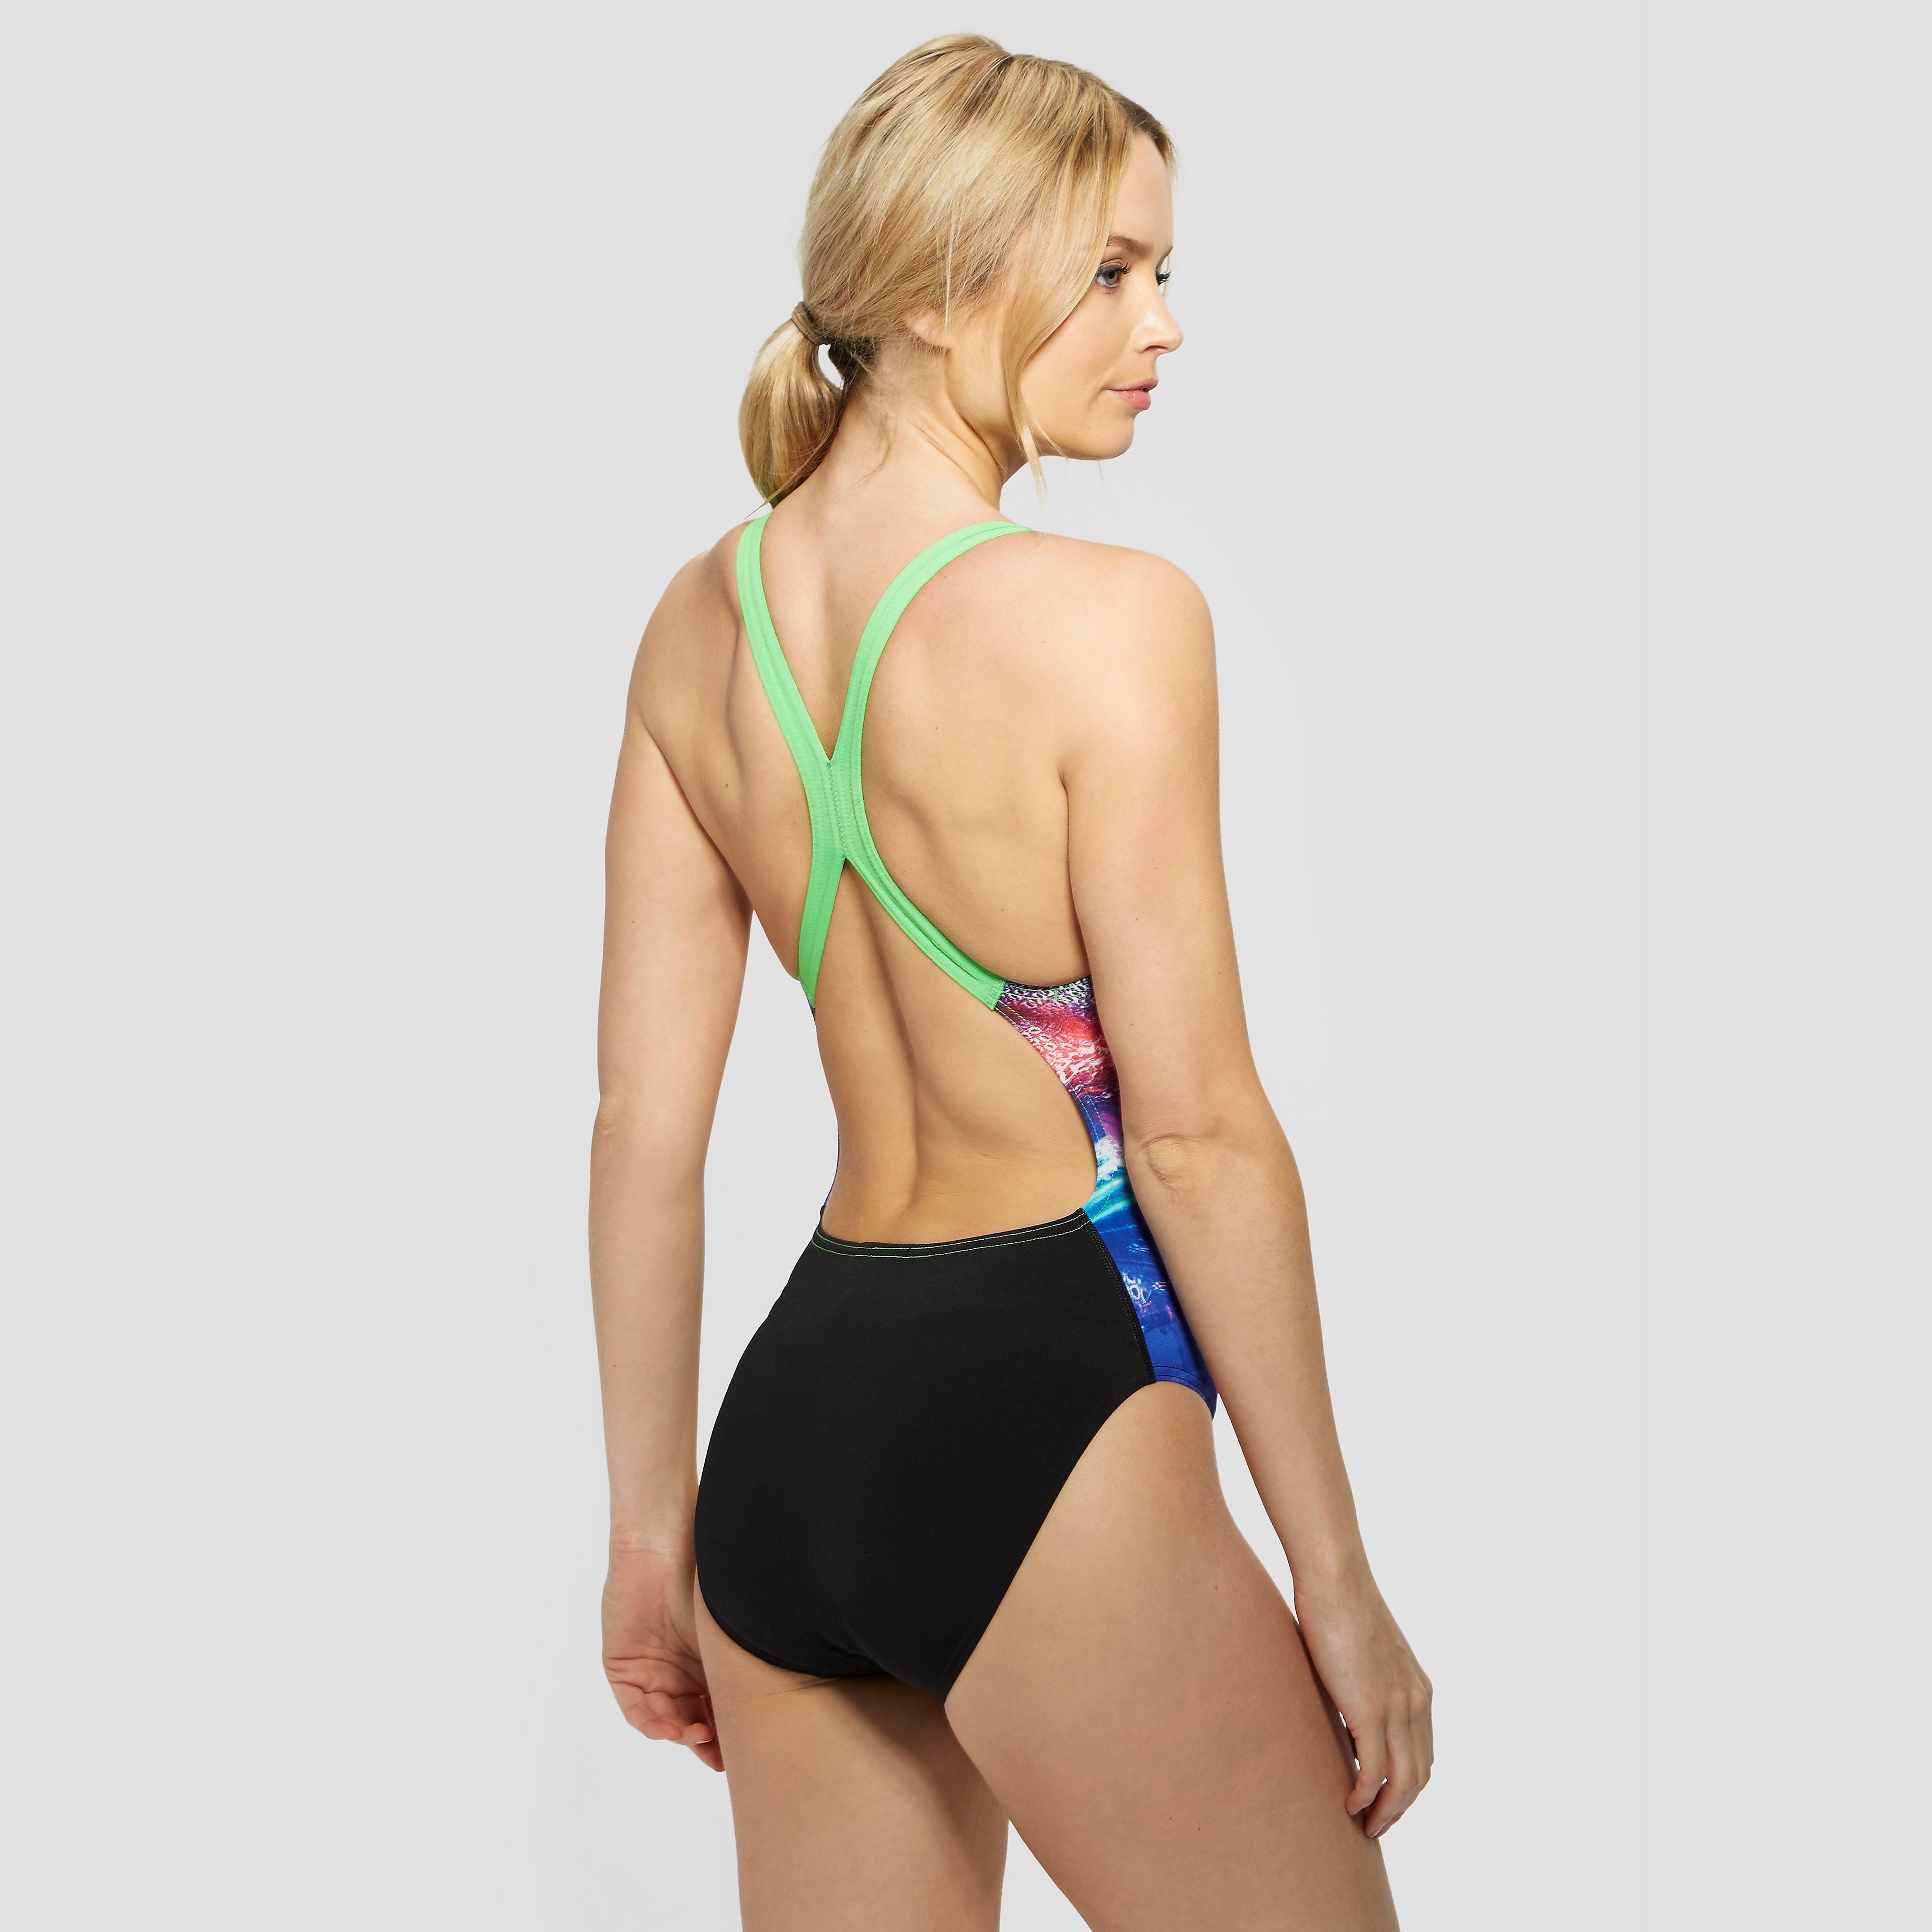 Speedo Lacoca Powerback Swimsuit